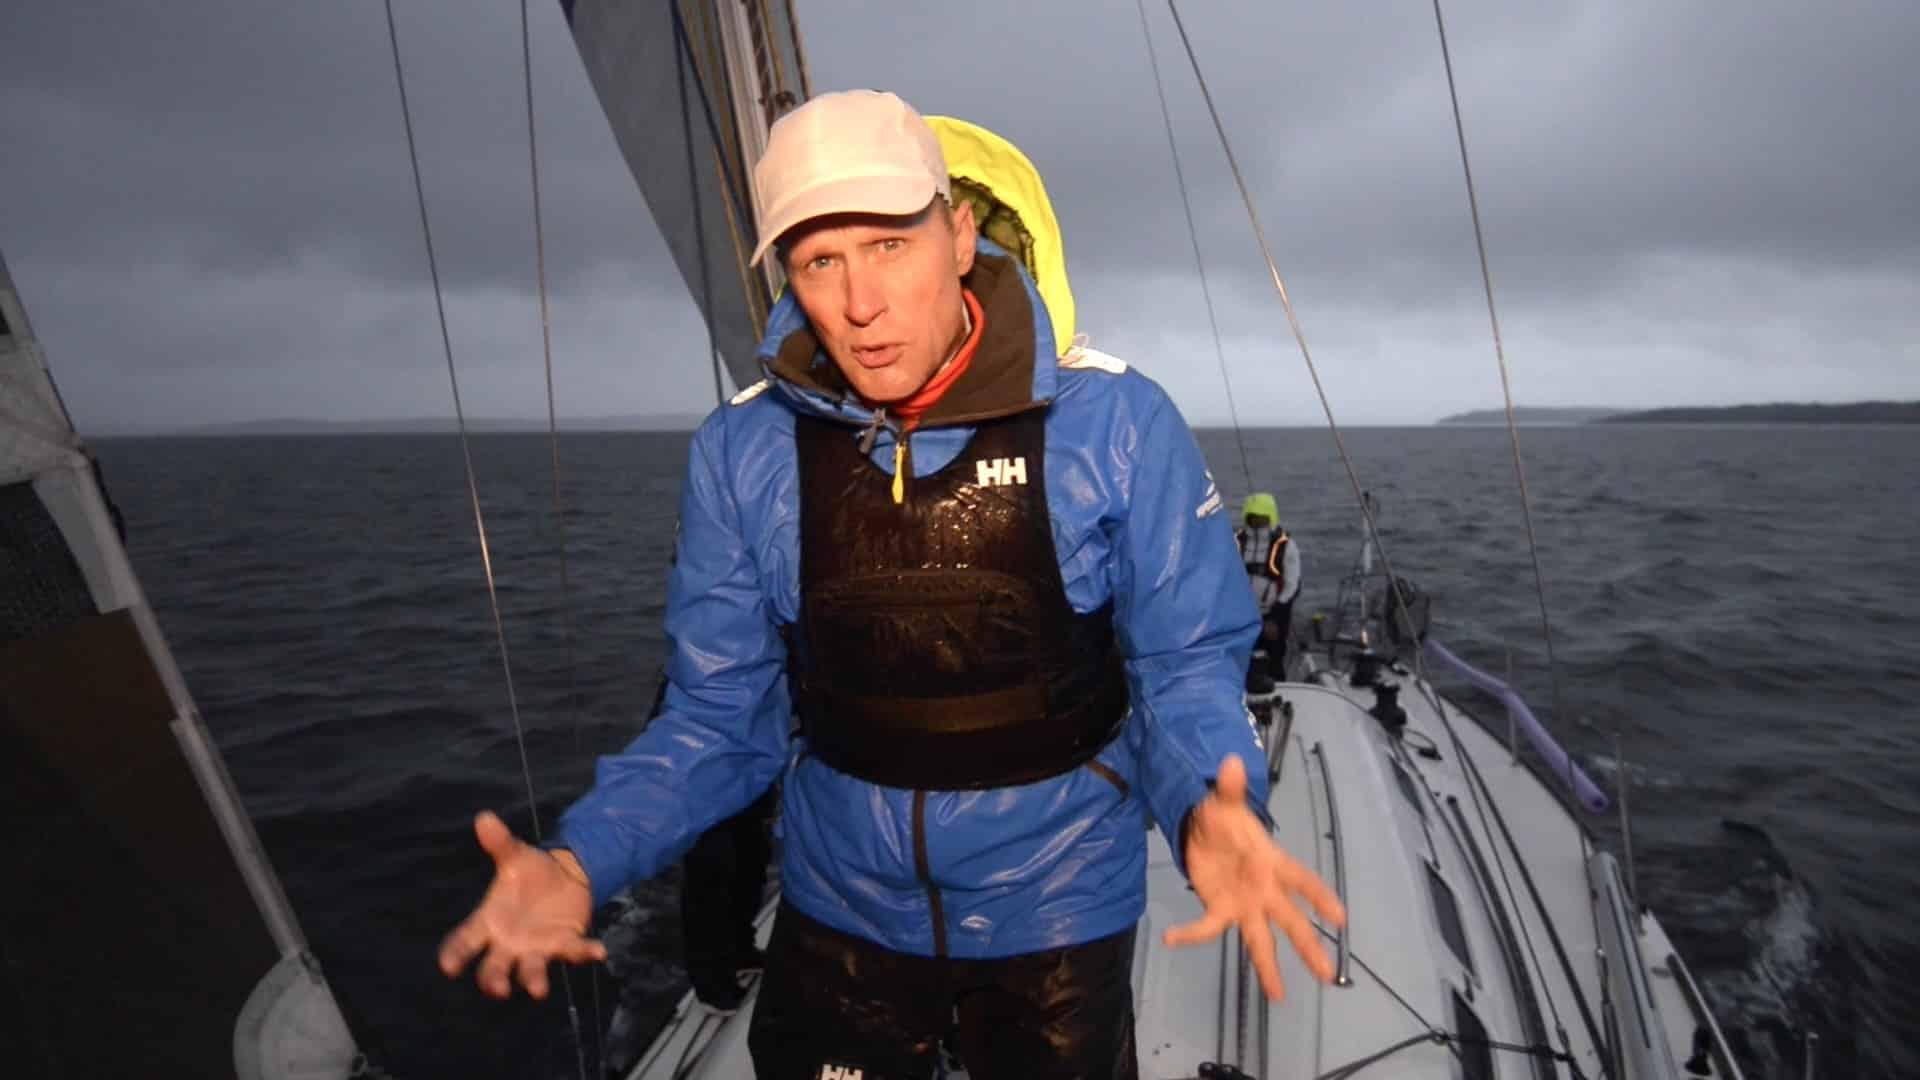 150623 - Upptäcktsresan Expedition Åf Offshore Race - Intro - Hamnen.ses unika Upptäcktsresa för kappseglare